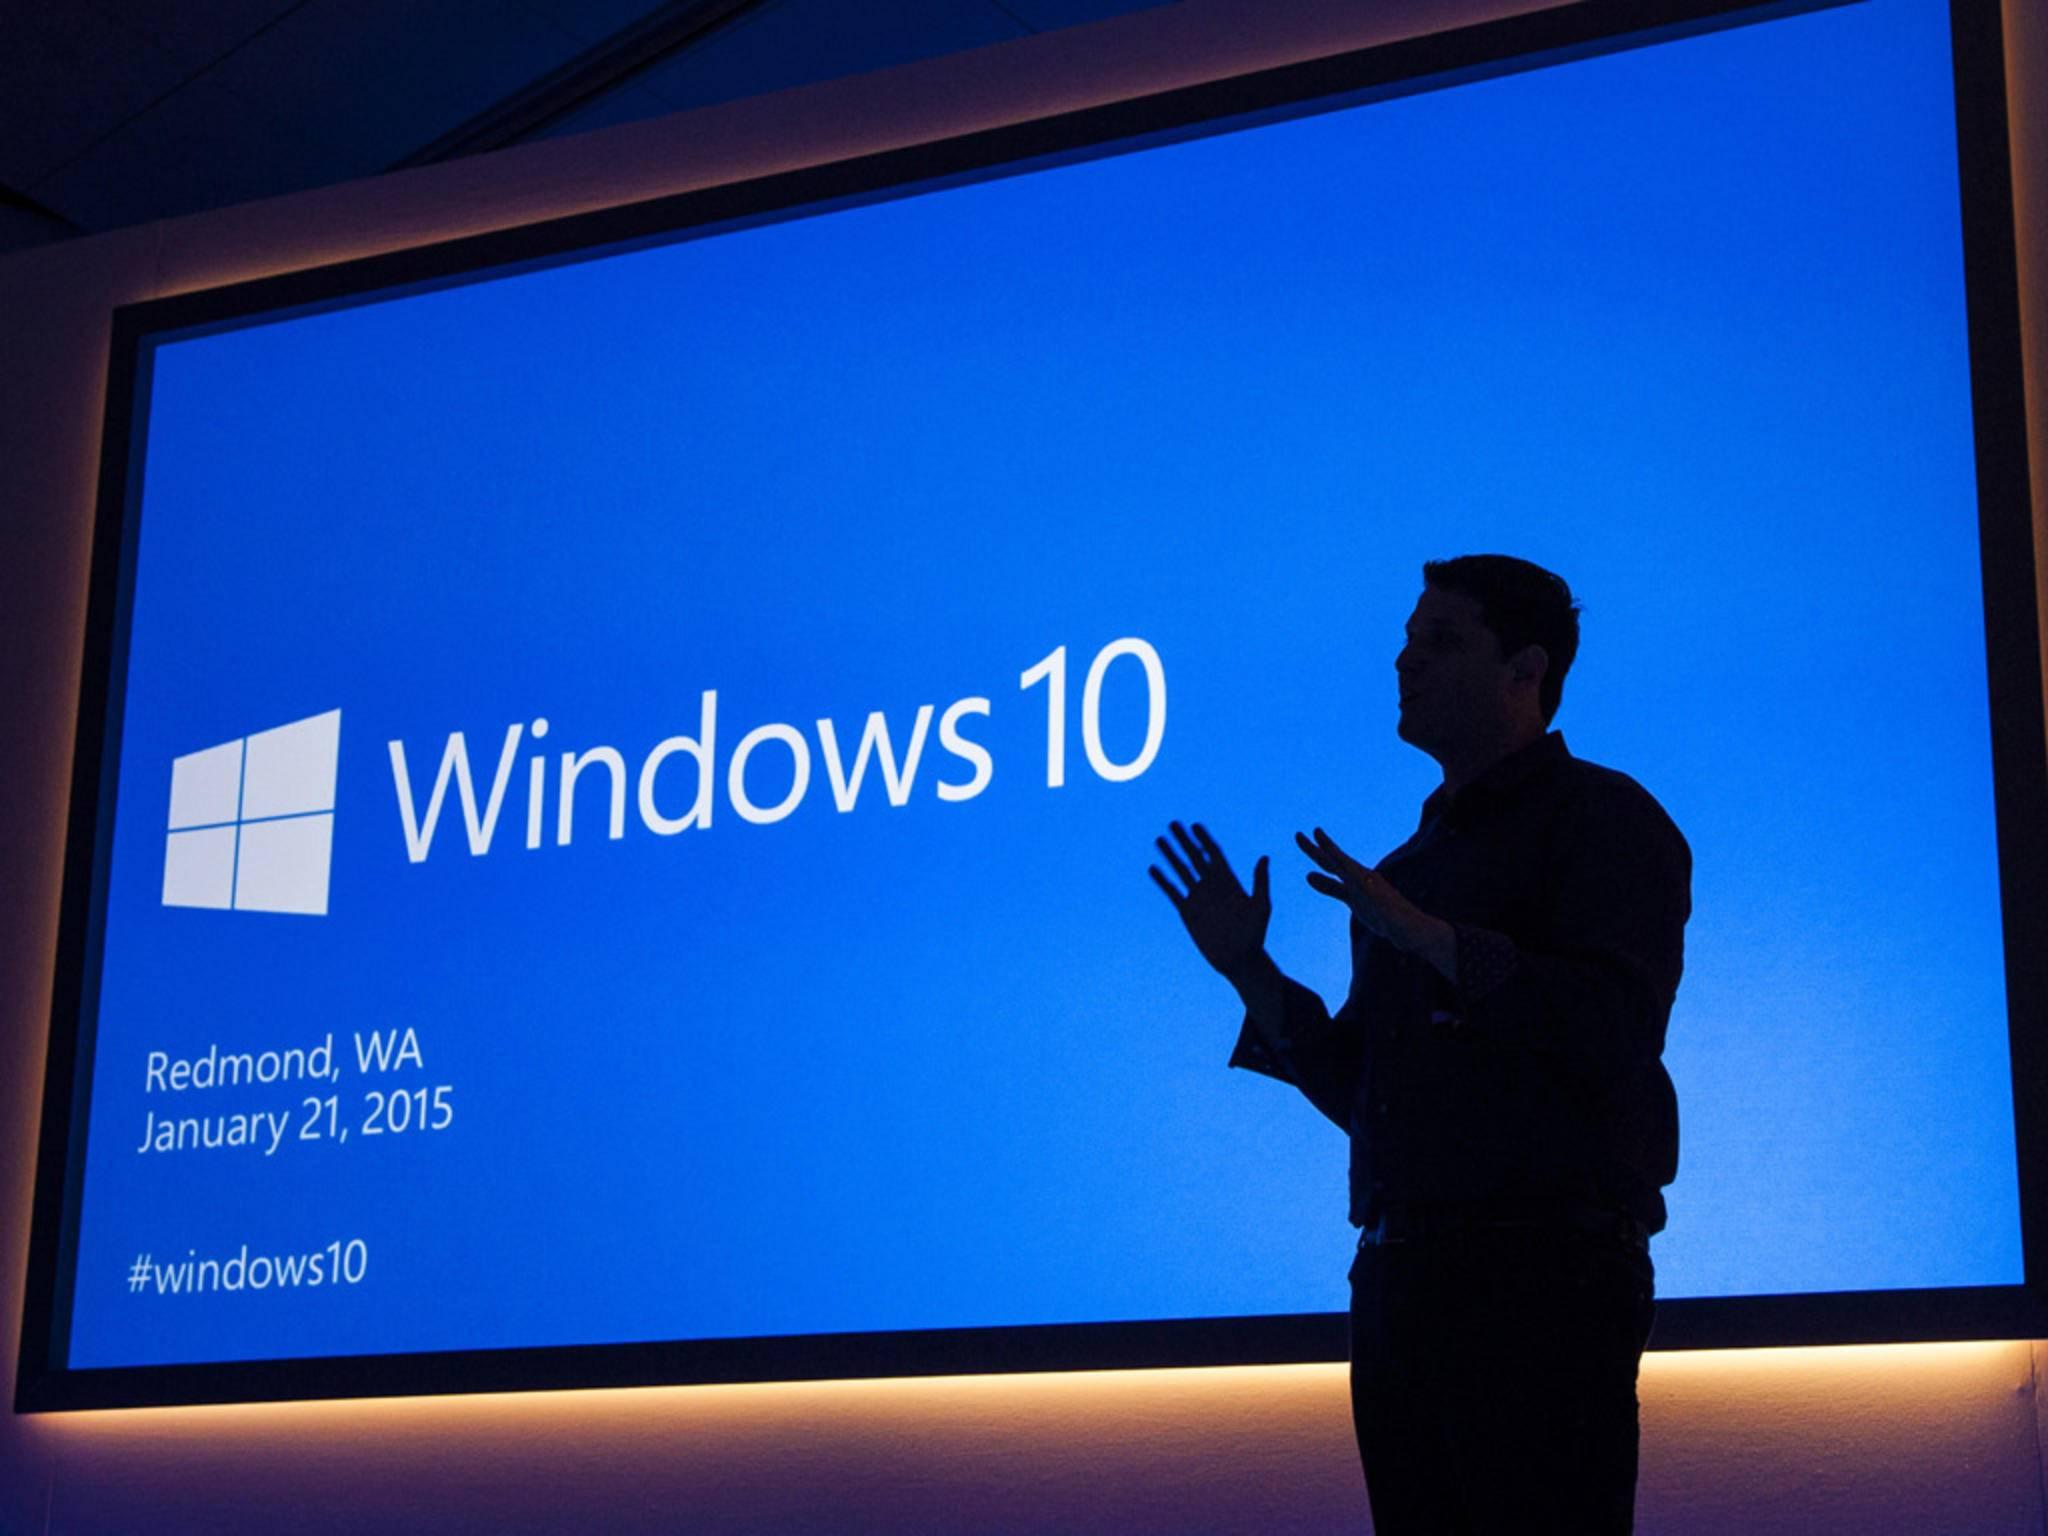 Microsoft möchte die Nutzer unbedingt zum Windows 10-Umstieg ermutigen. Du kannst Dich aber weigern.